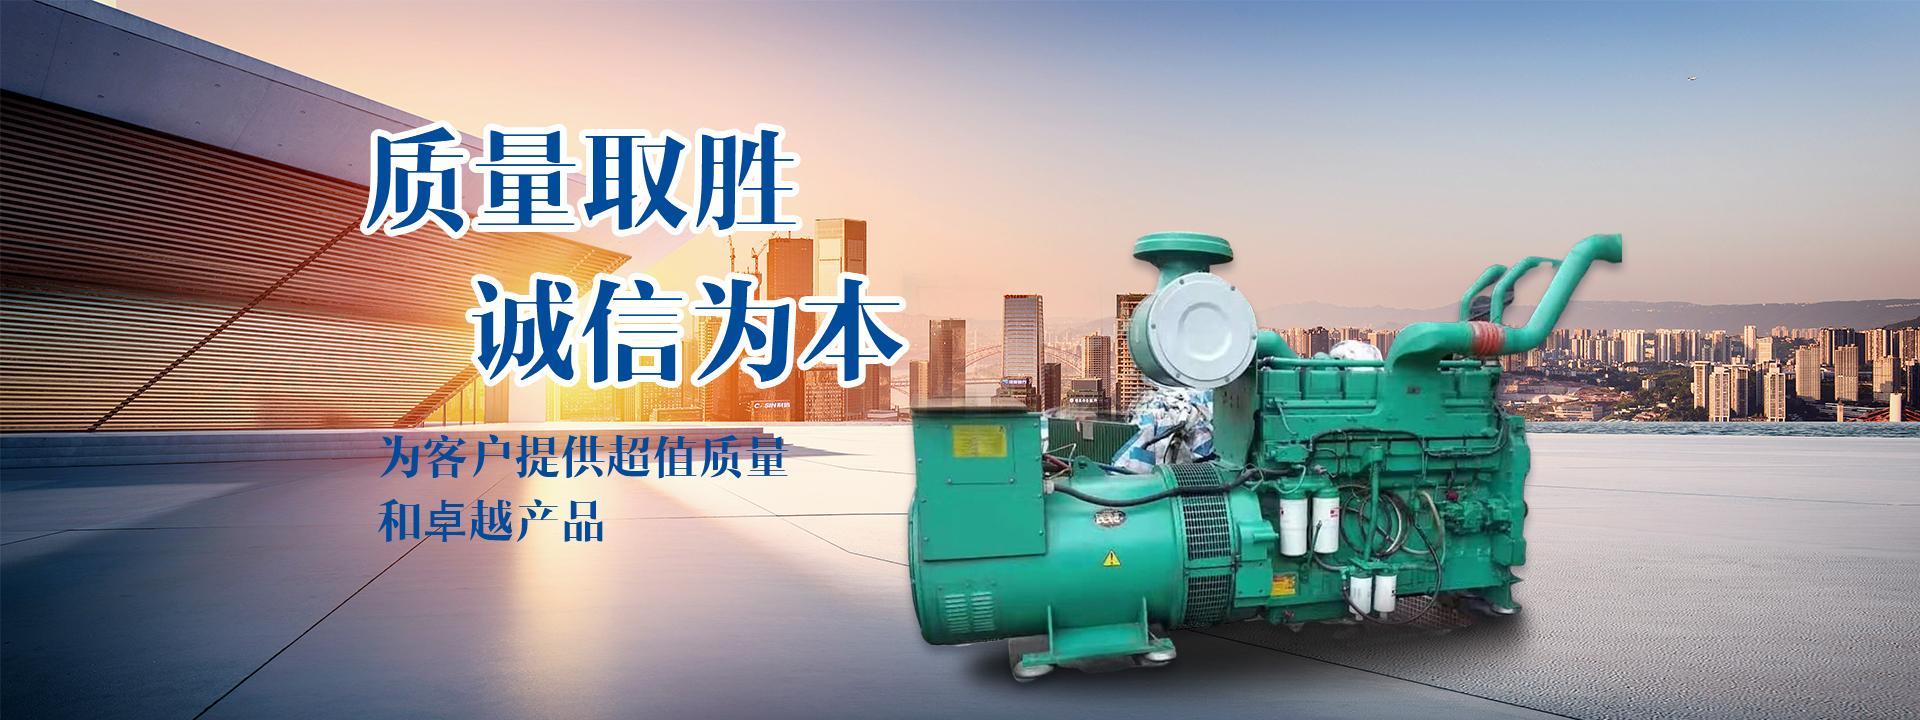 柳州发电机回收